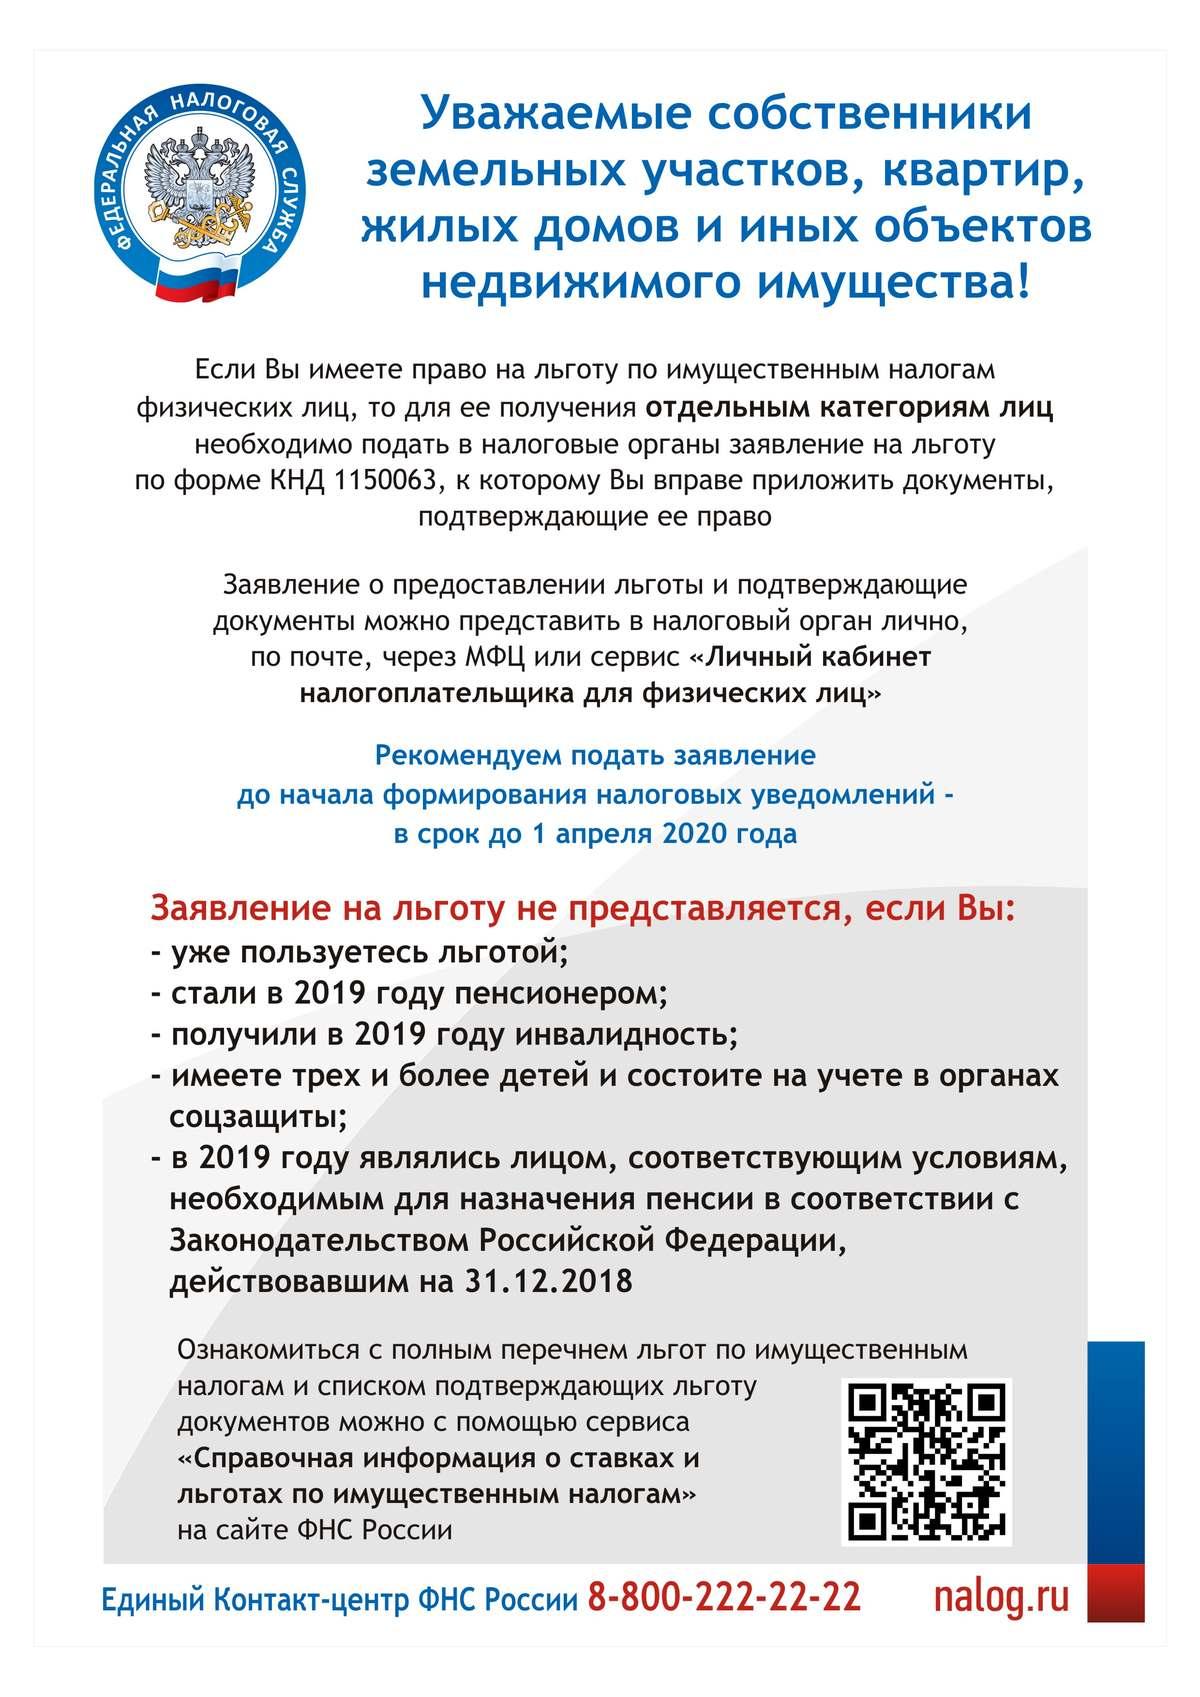 Социальные льготы в россии: законы, категории получателей, процедура оформление | права потребителя в 2020 году